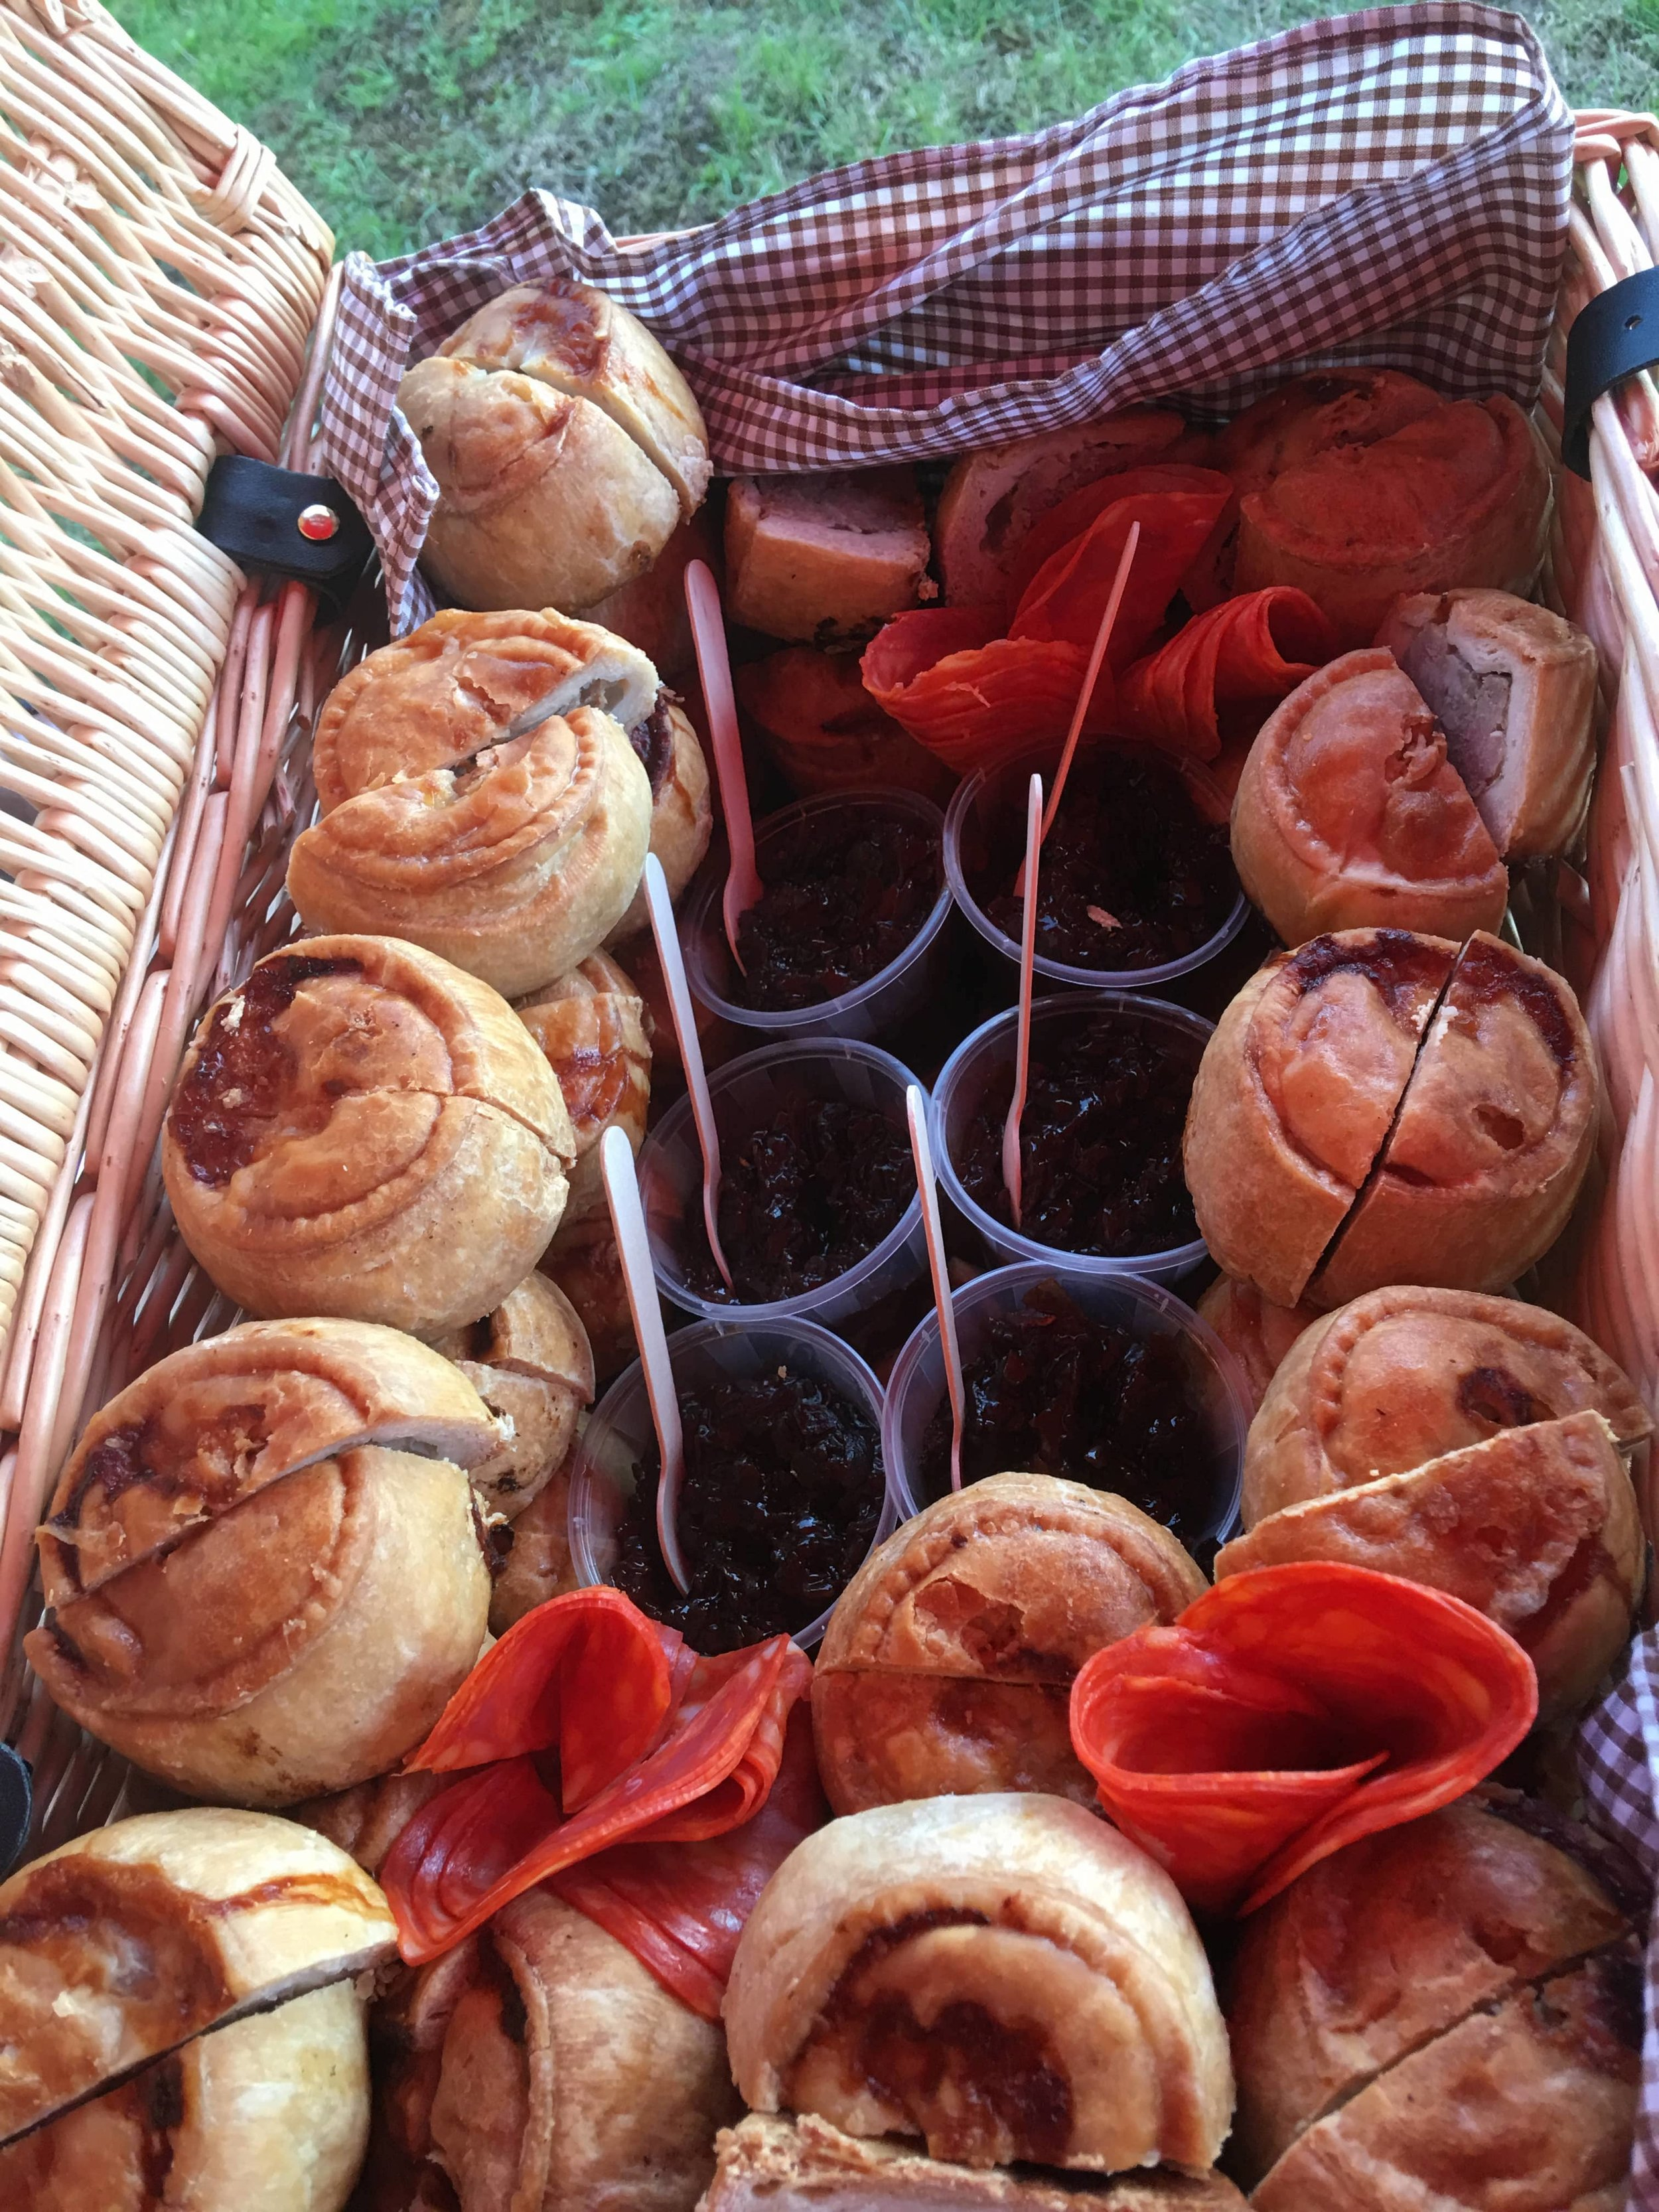 basket food2017-08-05 20.02.27.jpg